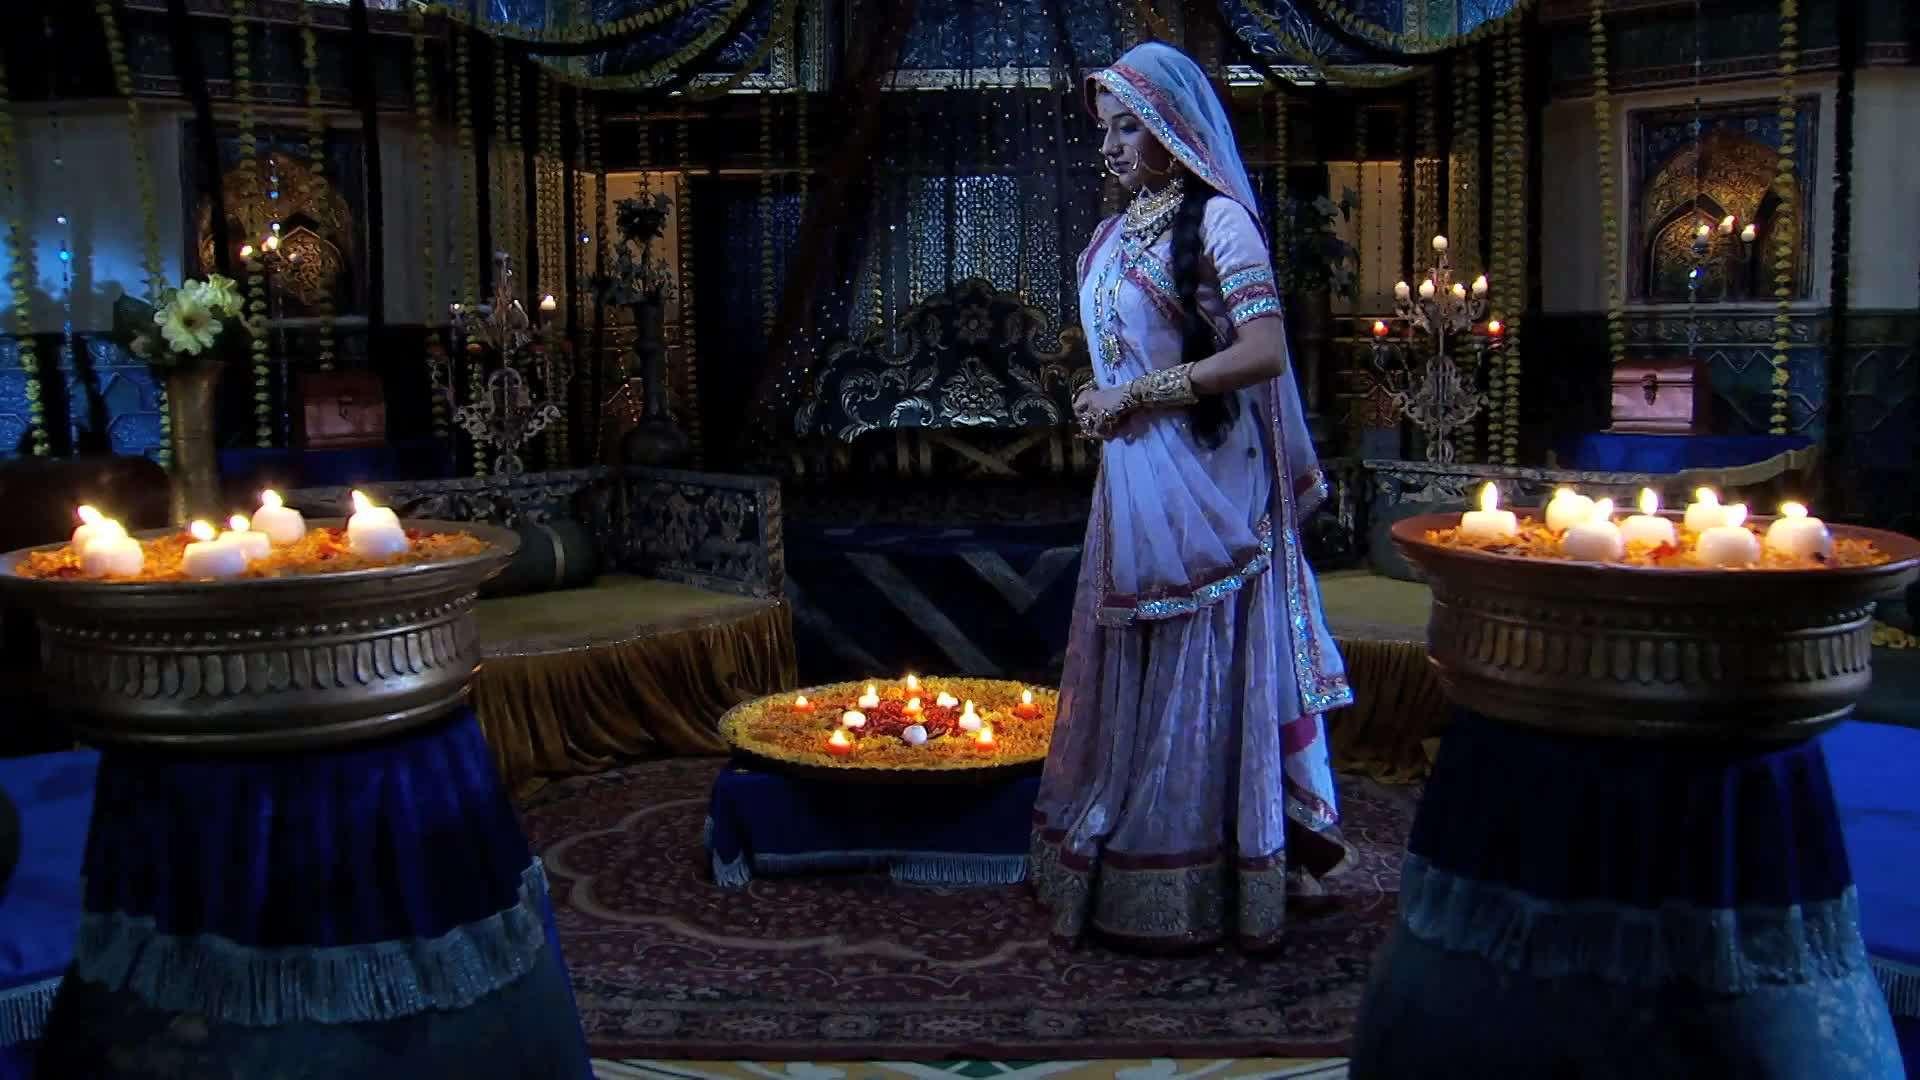 المسلسل الهندي التاريخي جودا أكبر الجزء الثاني (2013) [مدبلج] كامل 1080p تحميل تورنت 24 arabp2p.com